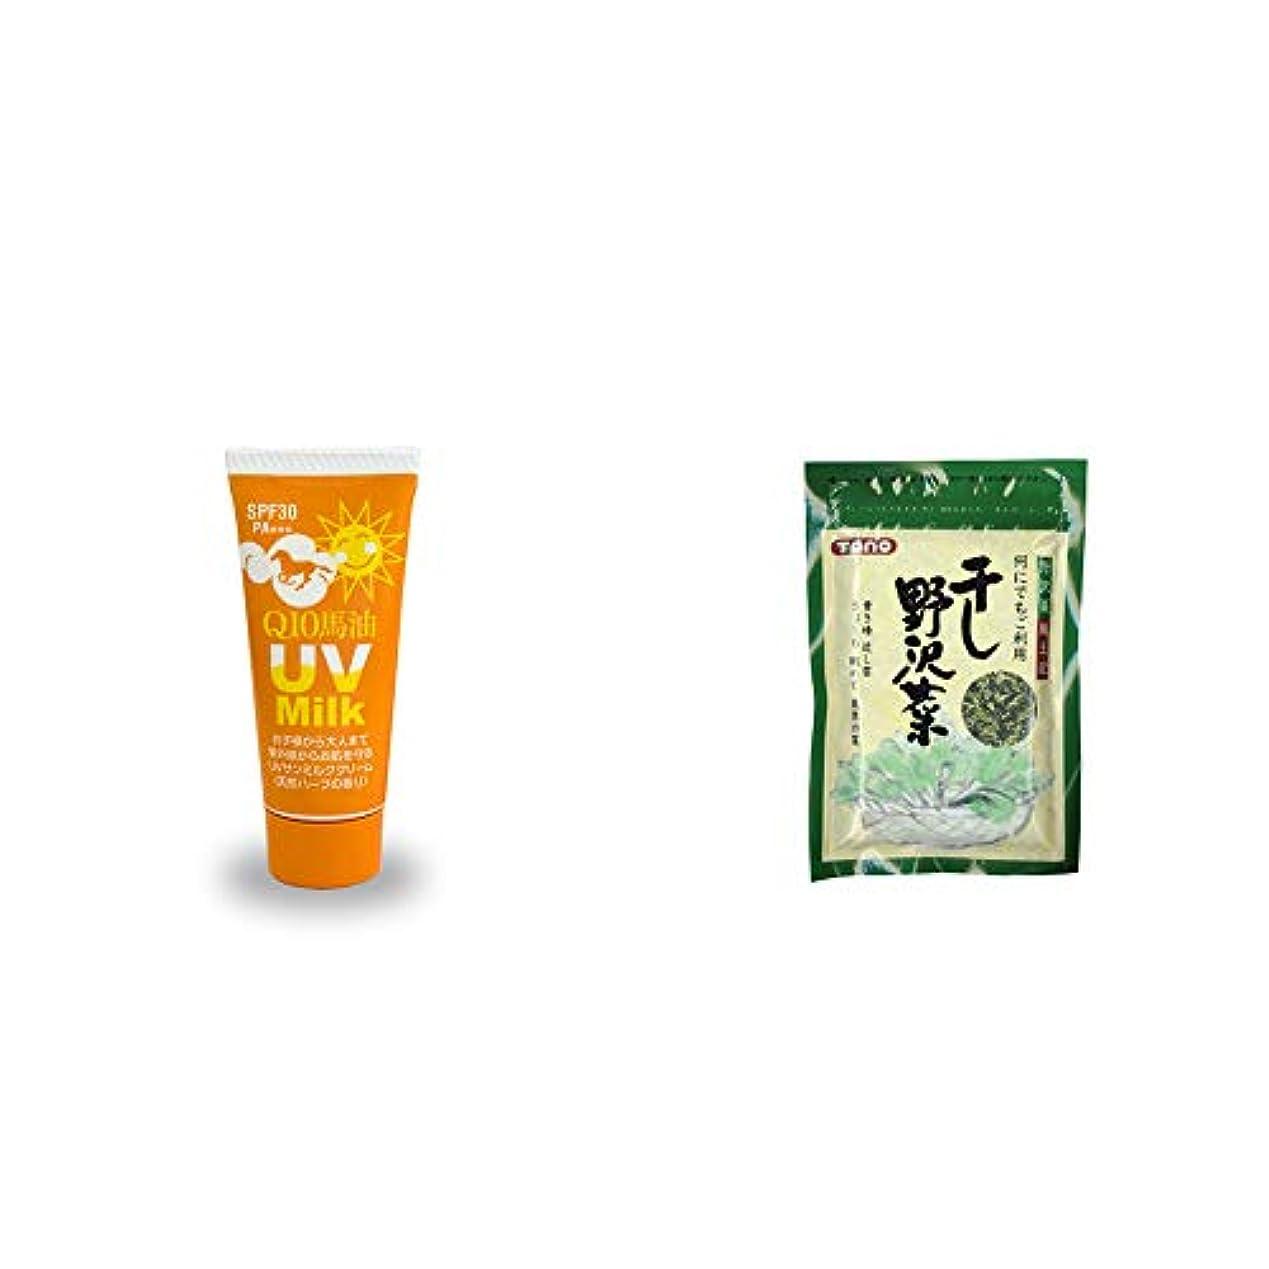 ニコチン旅フェリー[2点セット] 炭黒泉 Q10馬油 UVサンミルク[天然ハーブ](40g)?干し野沢菜(100g)